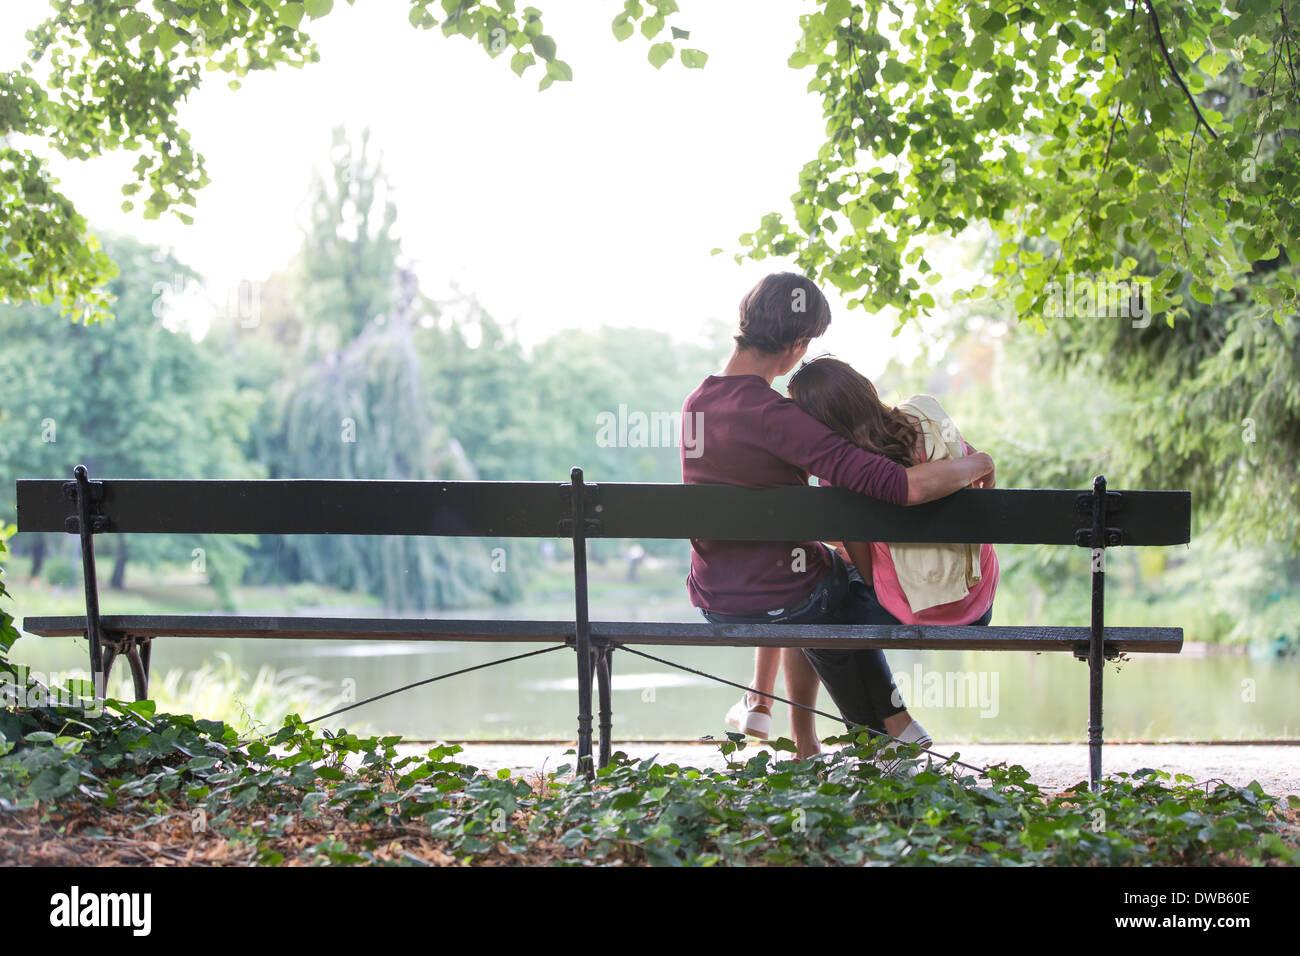 Vista posteriore della romantica coppia giovane seduto sul banco a Lakeside Immagini Stock